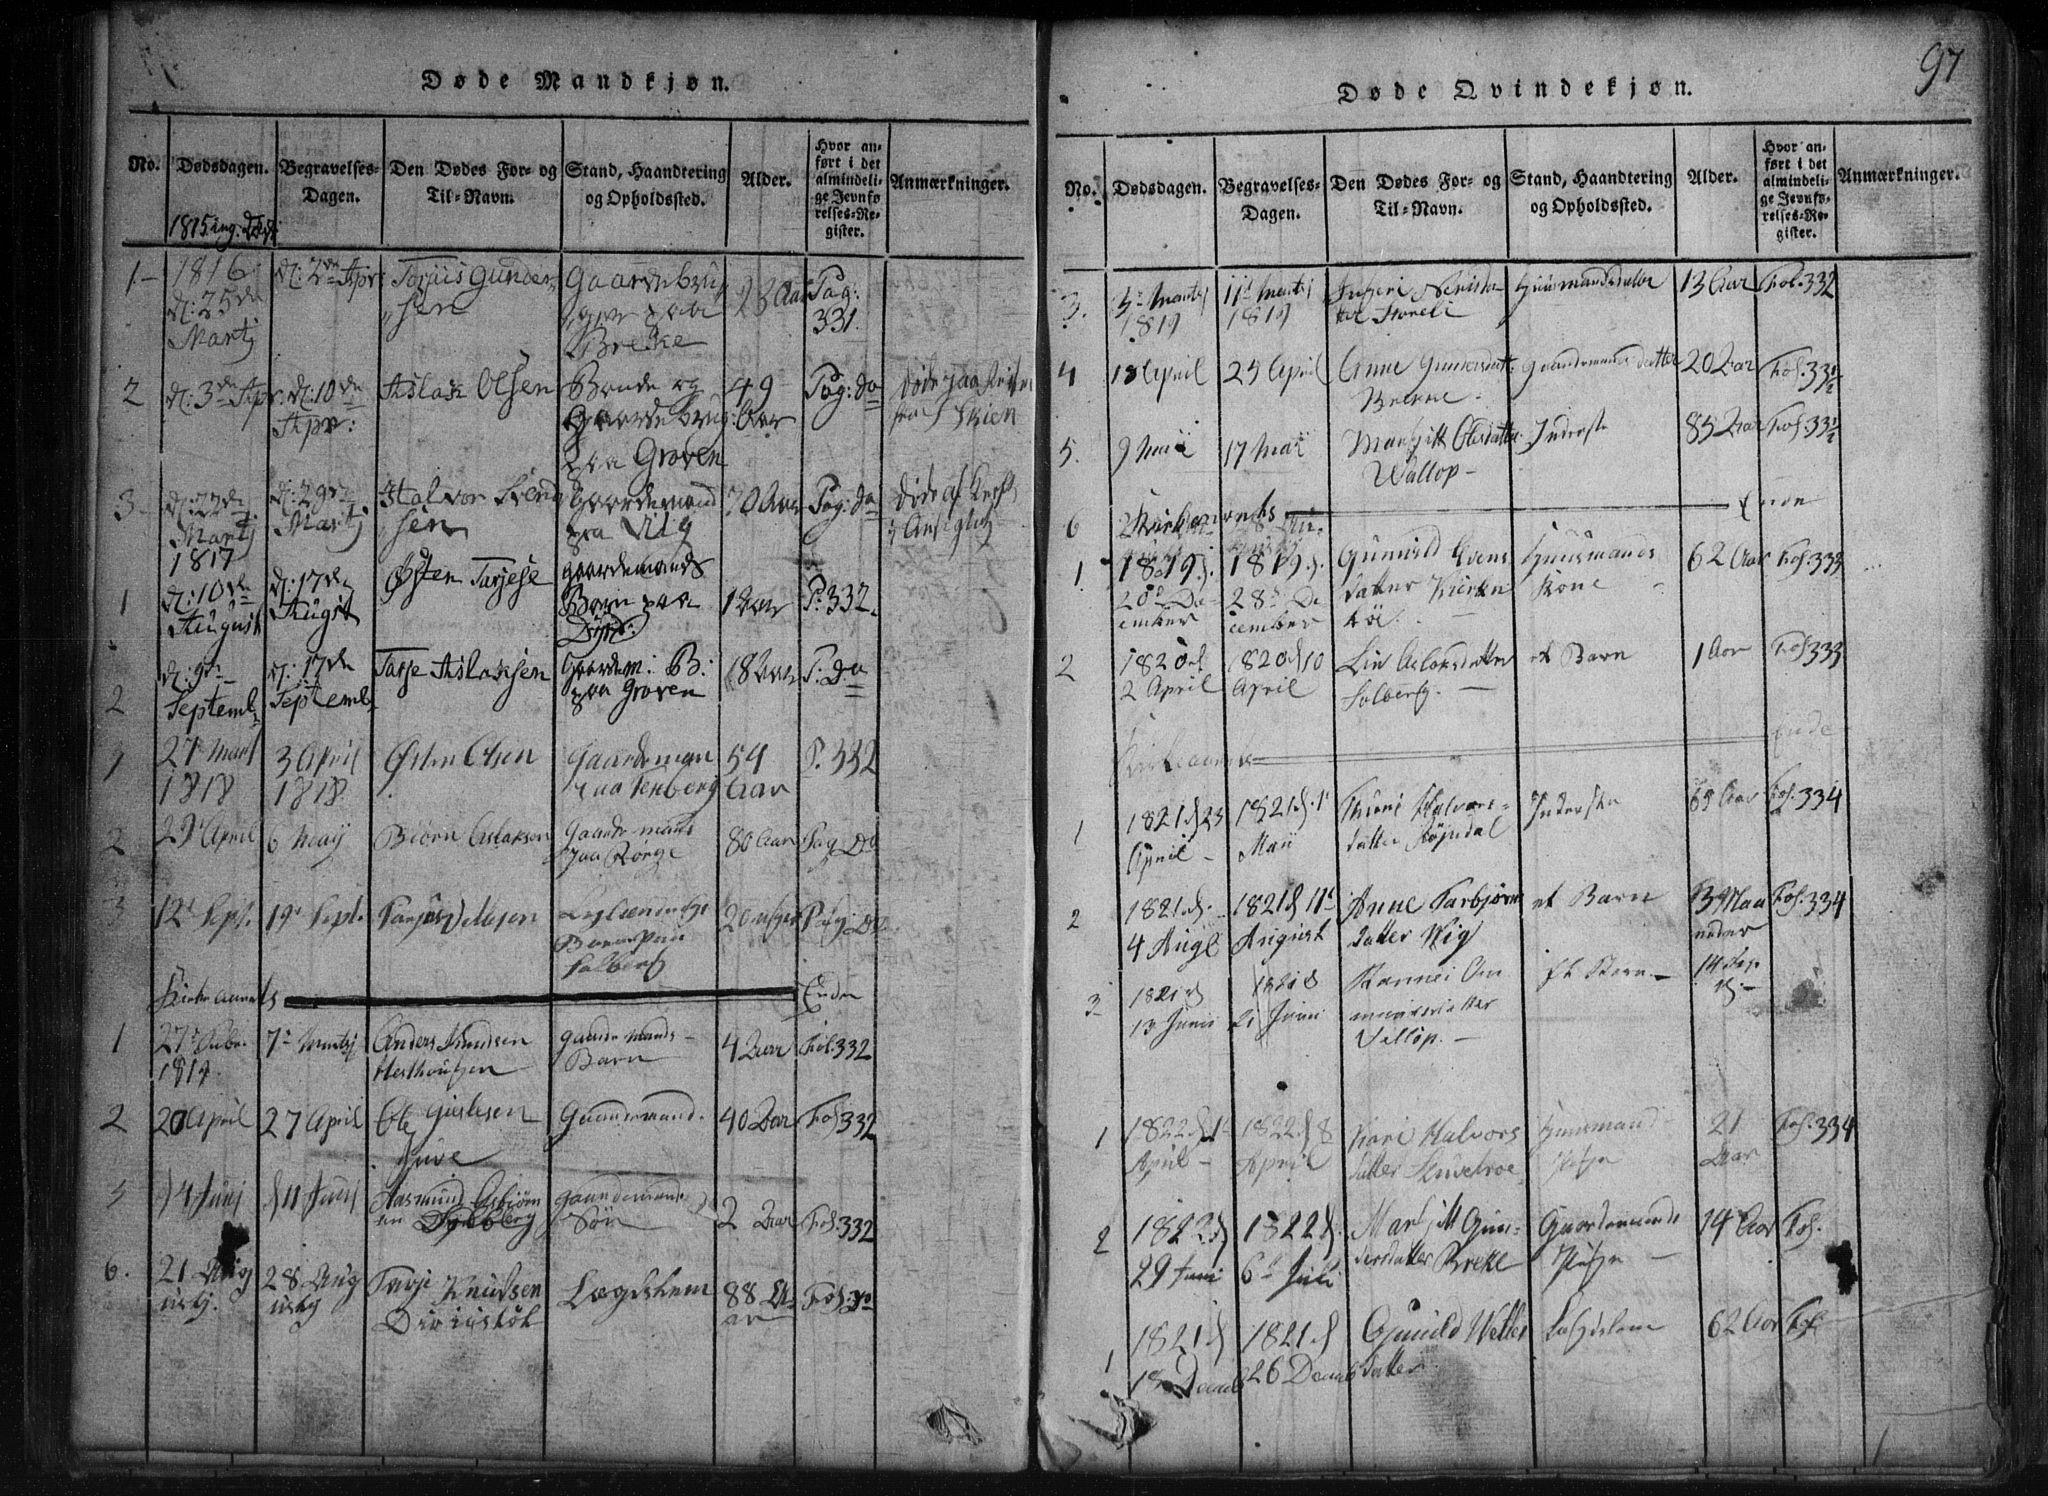 SAKO, Rauland kirkebøker, G/Gb/L0001: Klokkerbok nr. II 1, 1815-1886, s. 97